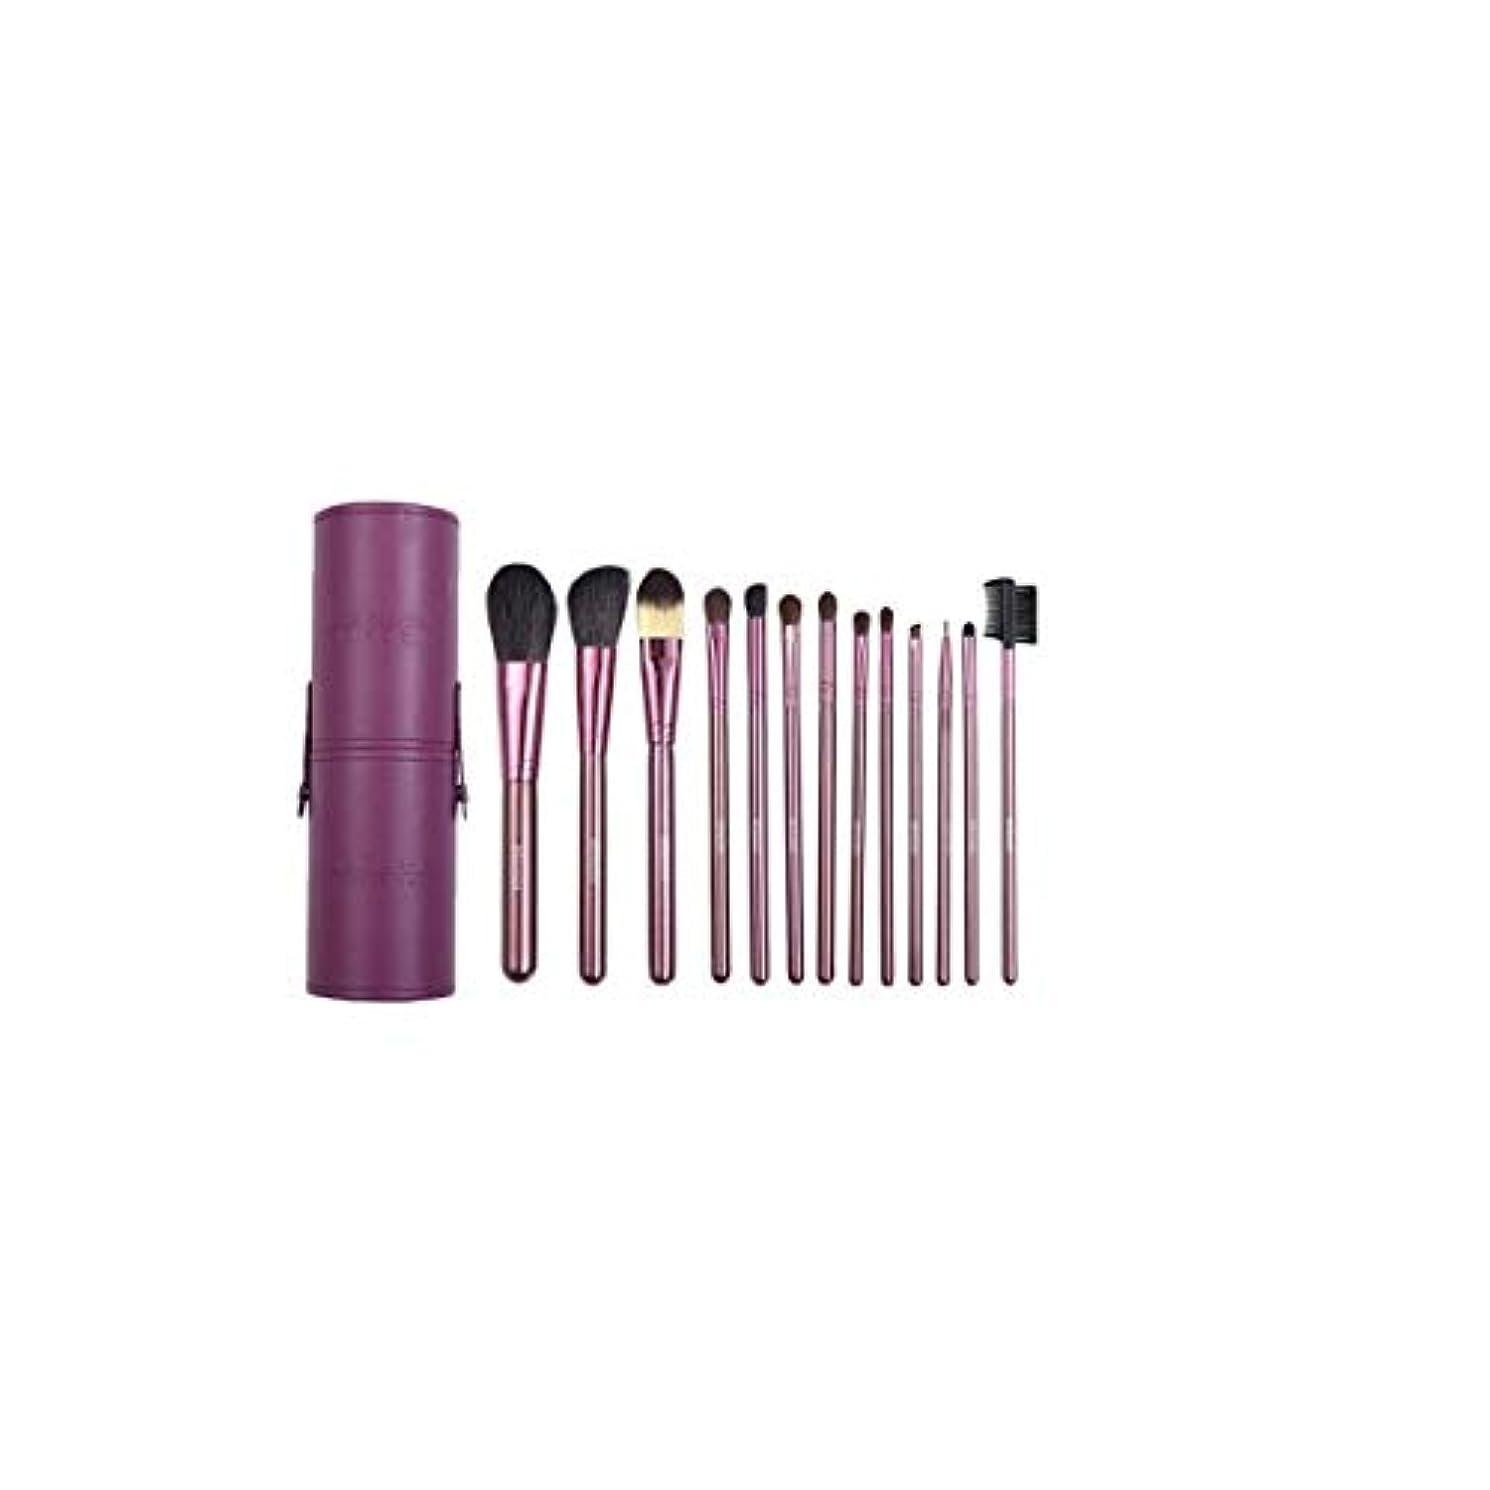 窒息させる精度ミスTUOFL メイクブラシセットメイクブラシセット7ピース、美容ツールメイクブラシセット13バレルチューブメイクアップツールアイシャドウブラシ、パープル (Color : Purple)